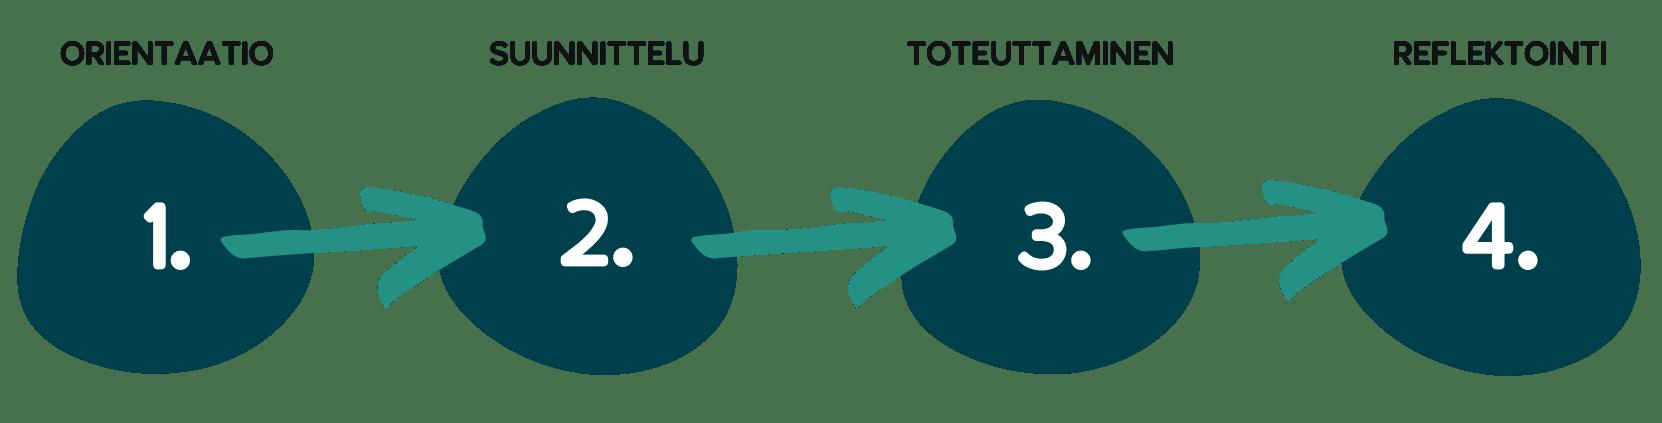 SOVELTAJA tiimivalmennus koostuu neljästä moduulista